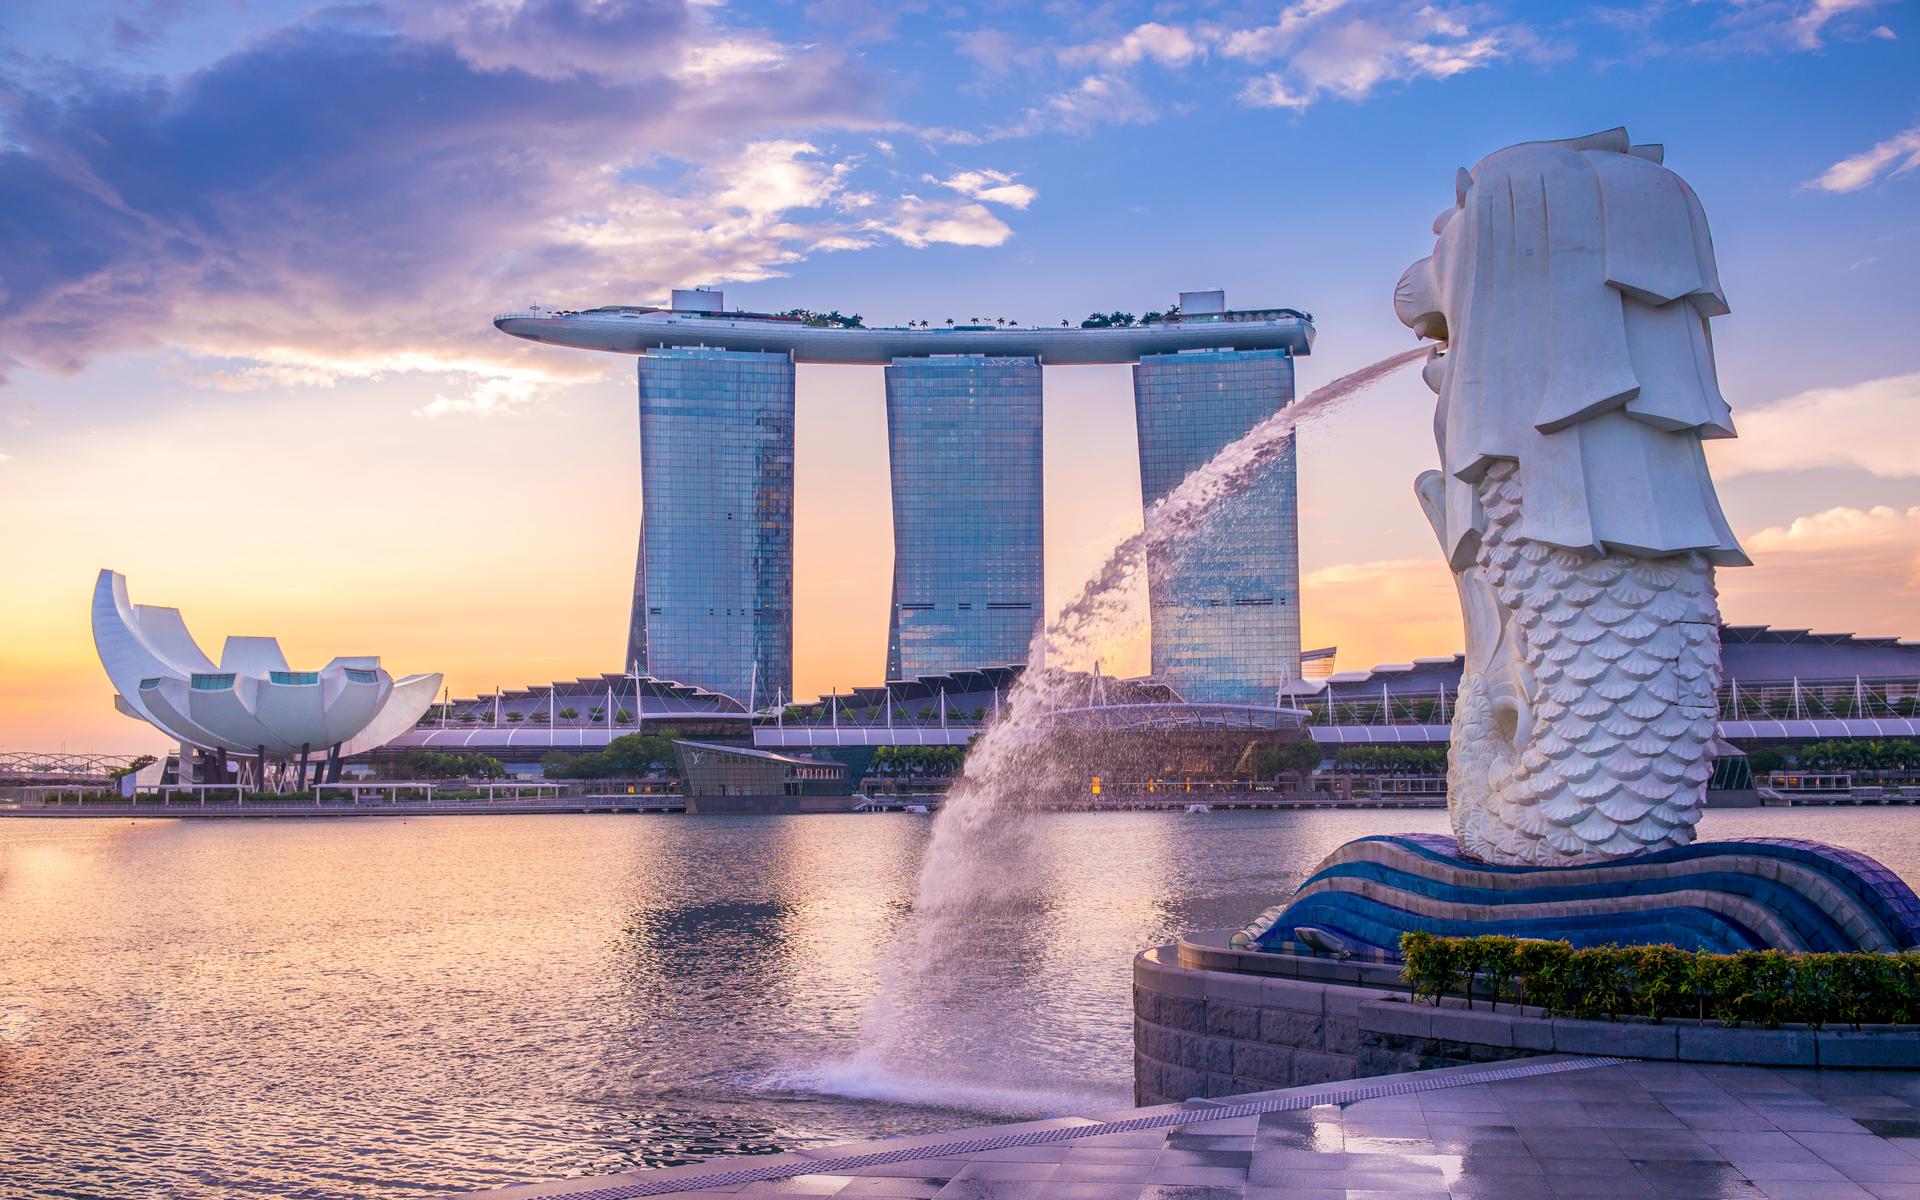 singapore open to crypto